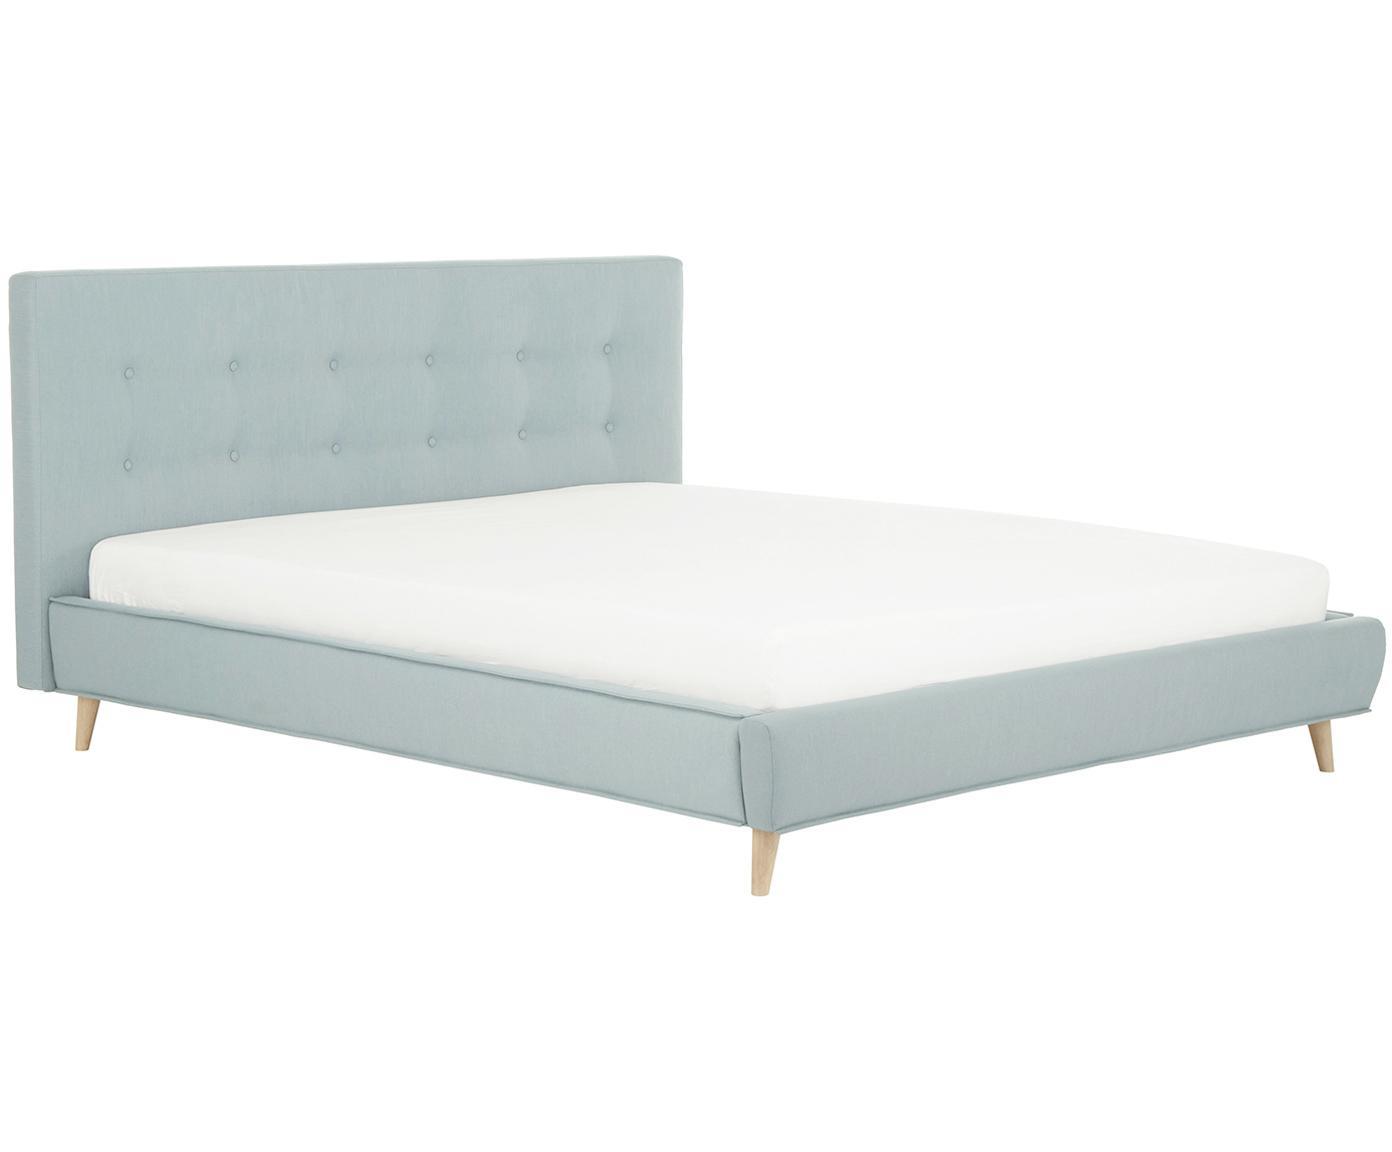 Gestoffeerd bed Moon, Frame: massief grenenhout, Poten: massief eikenhout, Bekleding: polyester (structuurmater, Lichtblauw, 140 x 200 cm